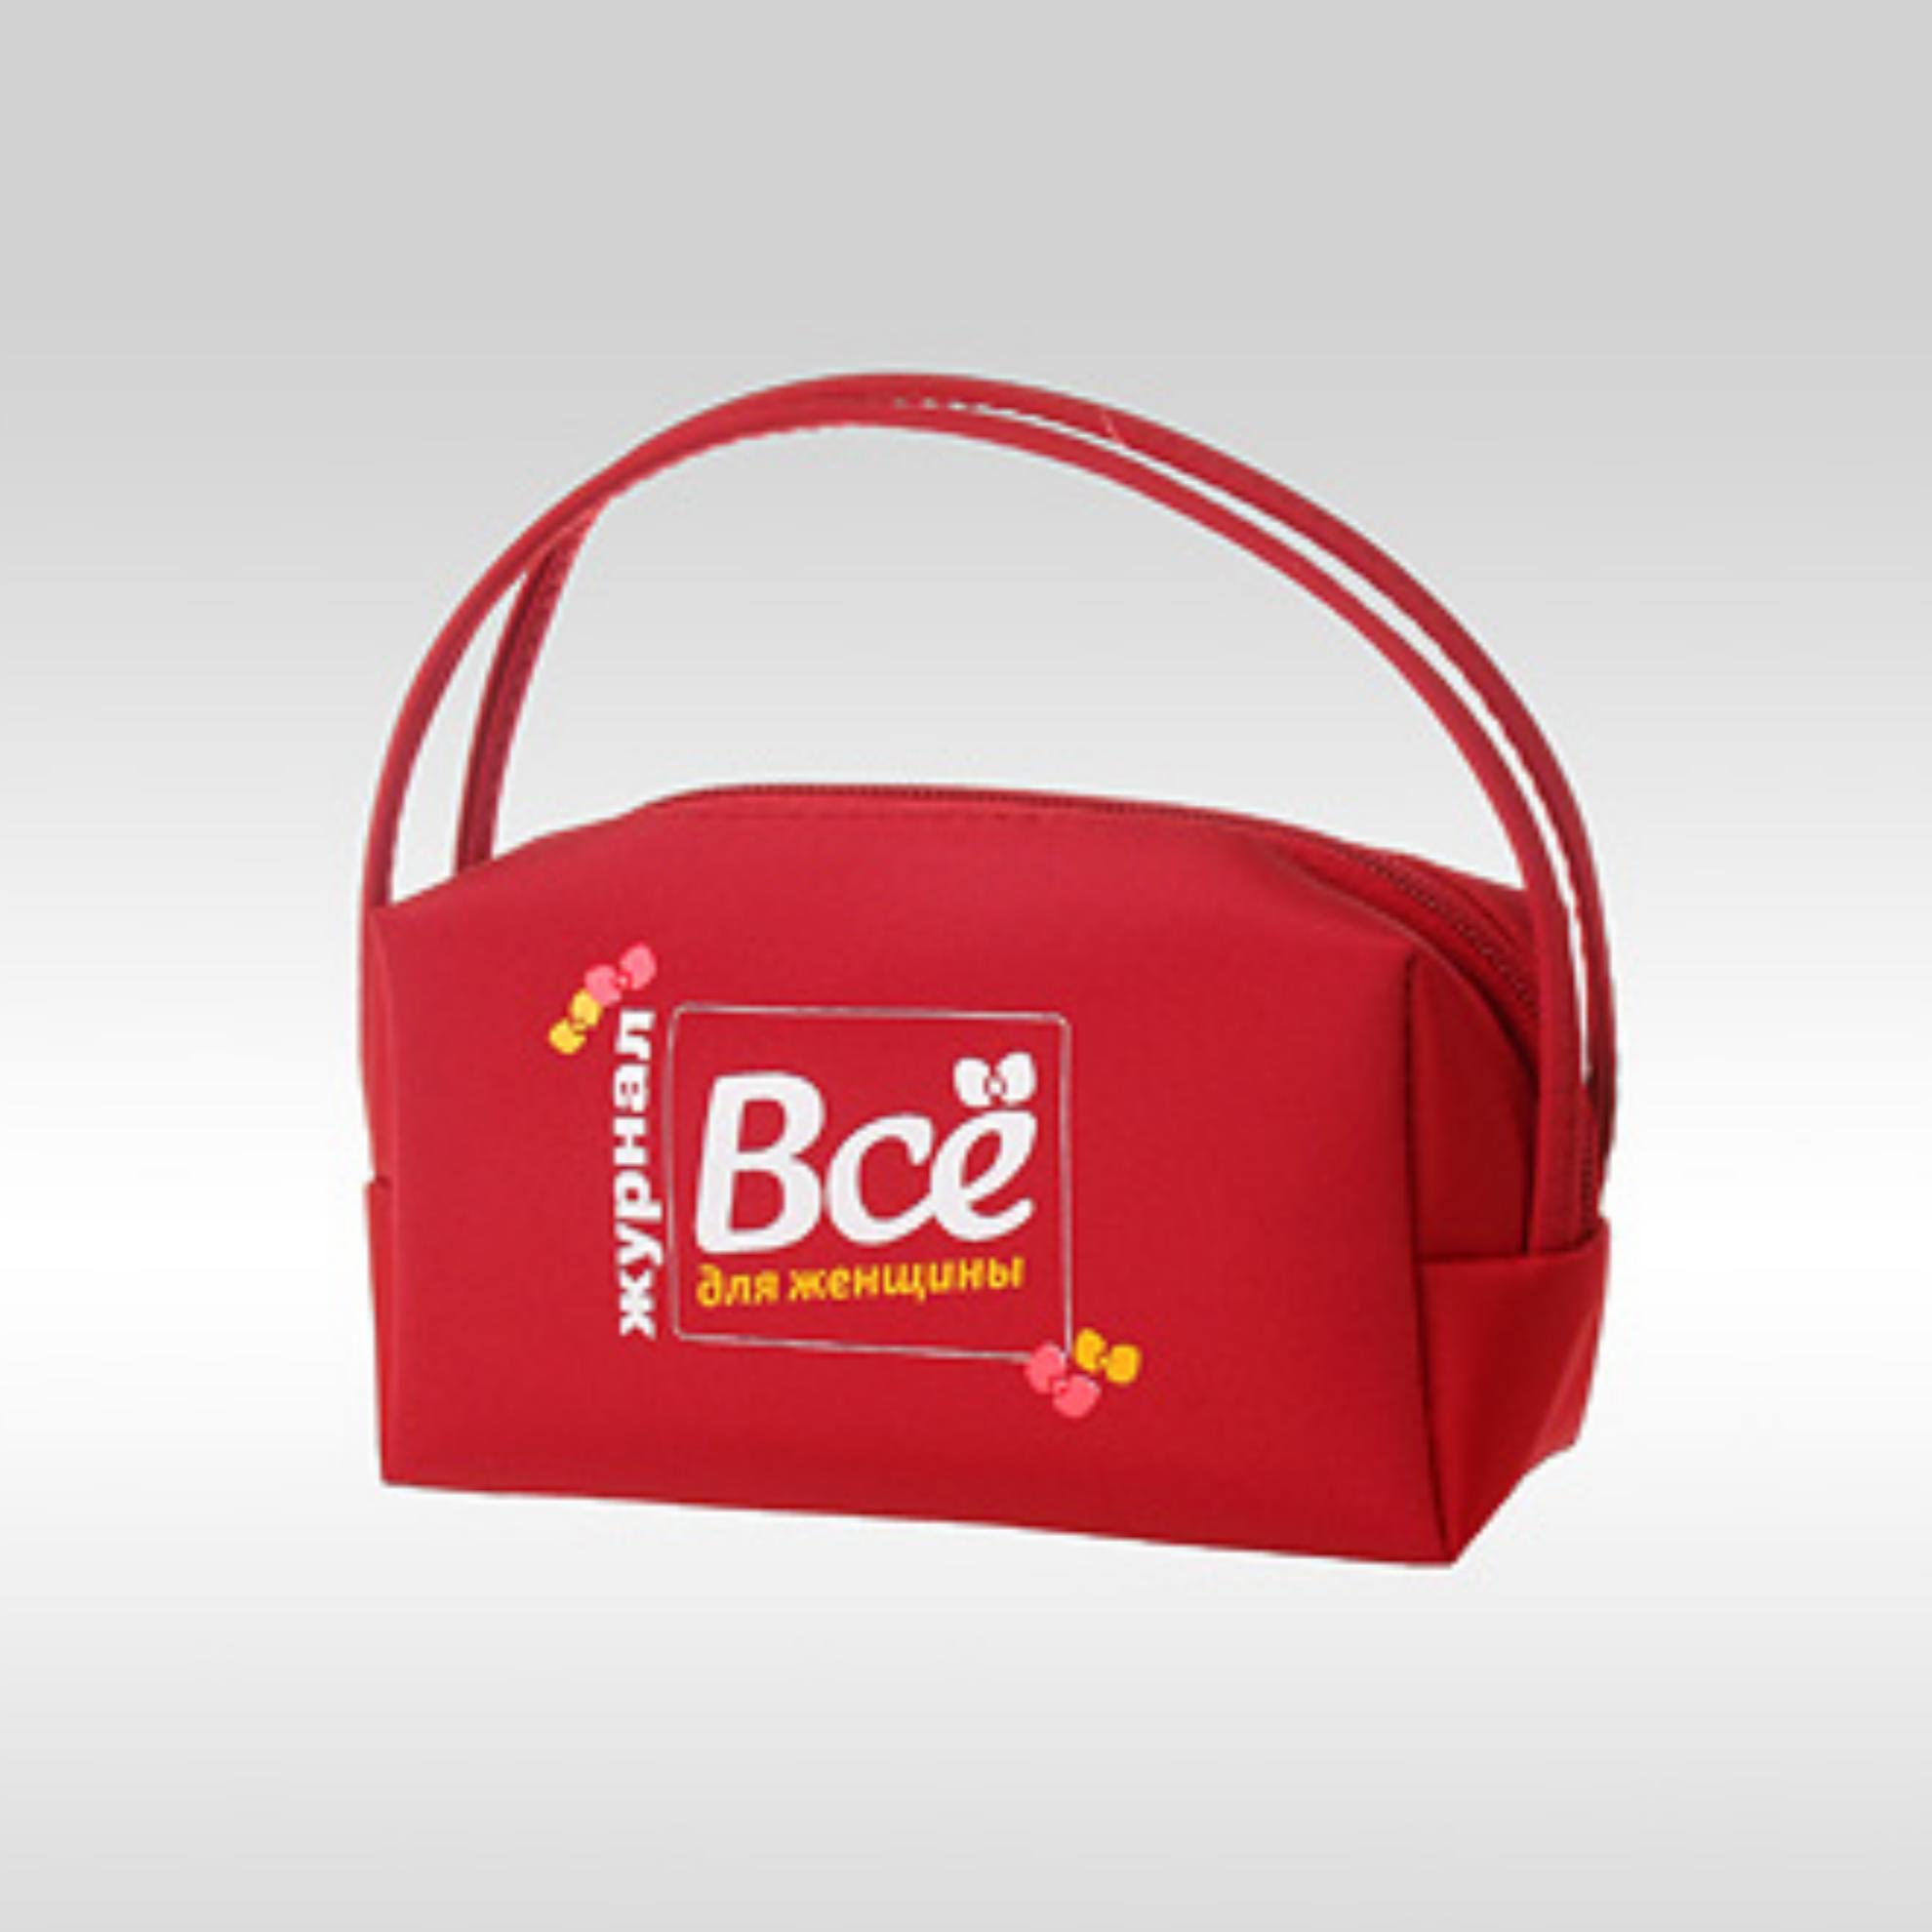 """Фото красной косметички с логотипом журнала """"Всё для женщины!"""